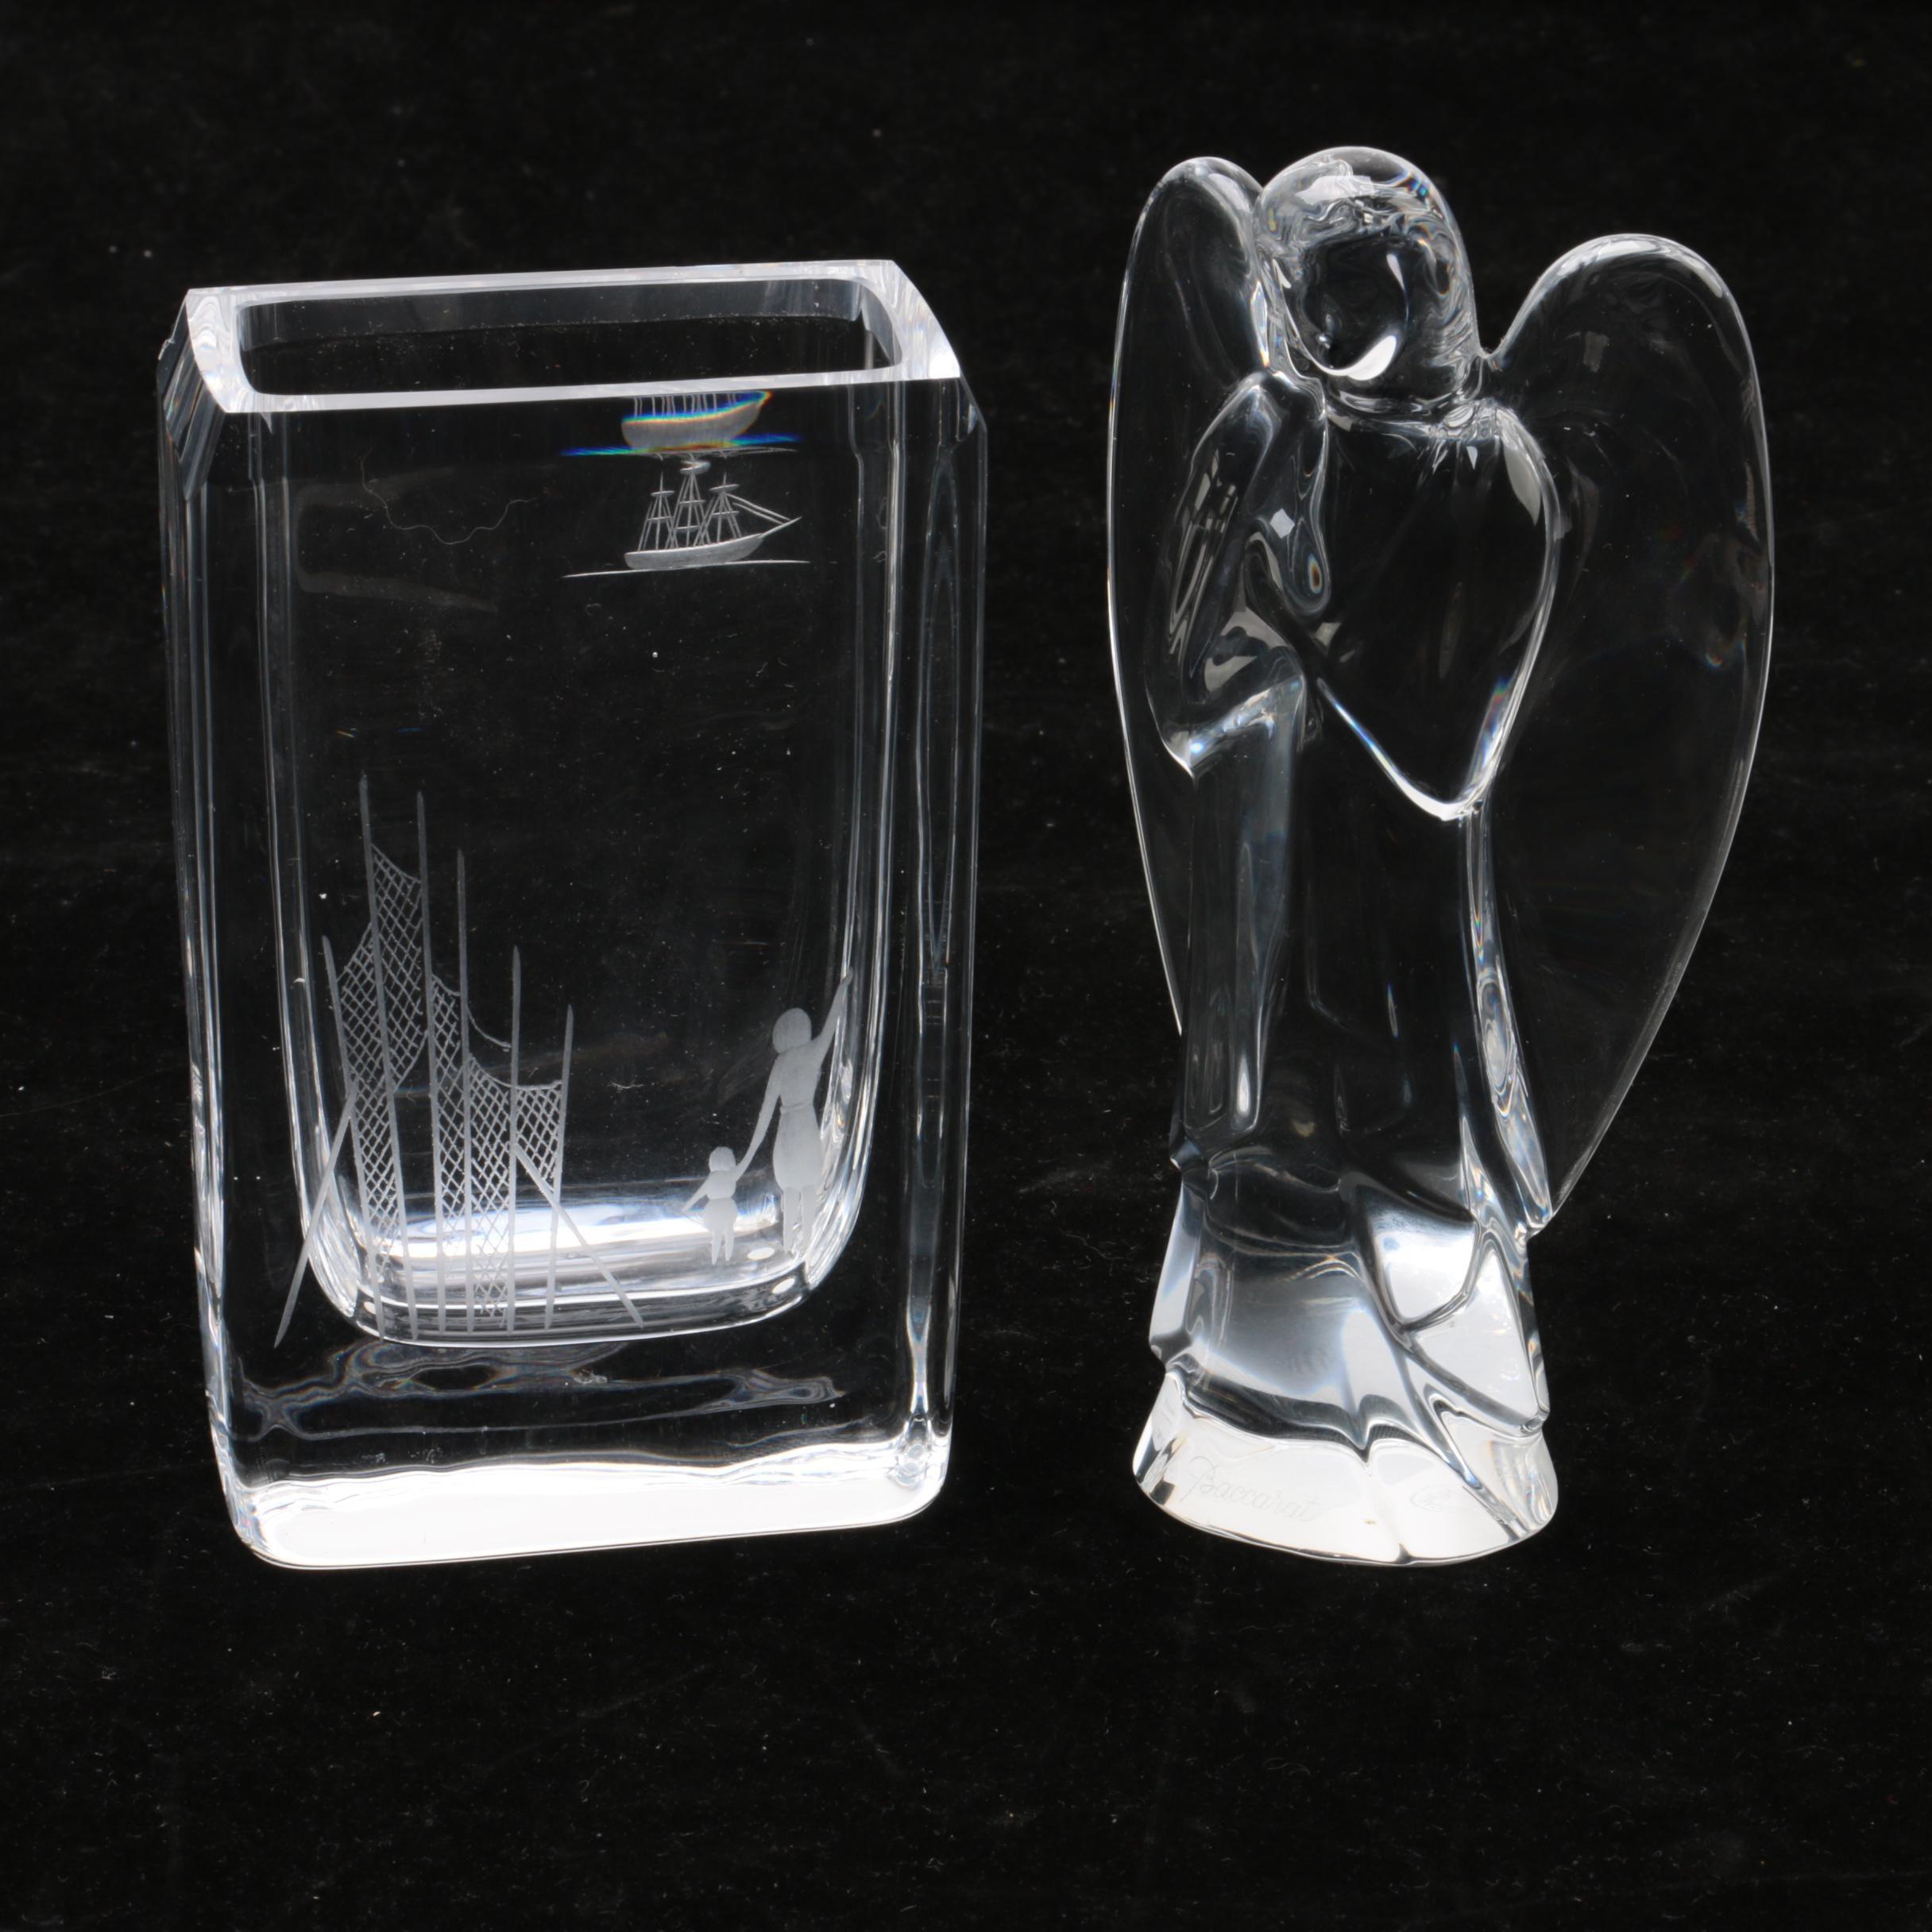 Baccarat Crystal Angel with Edenfalk Skruf Etched Vase